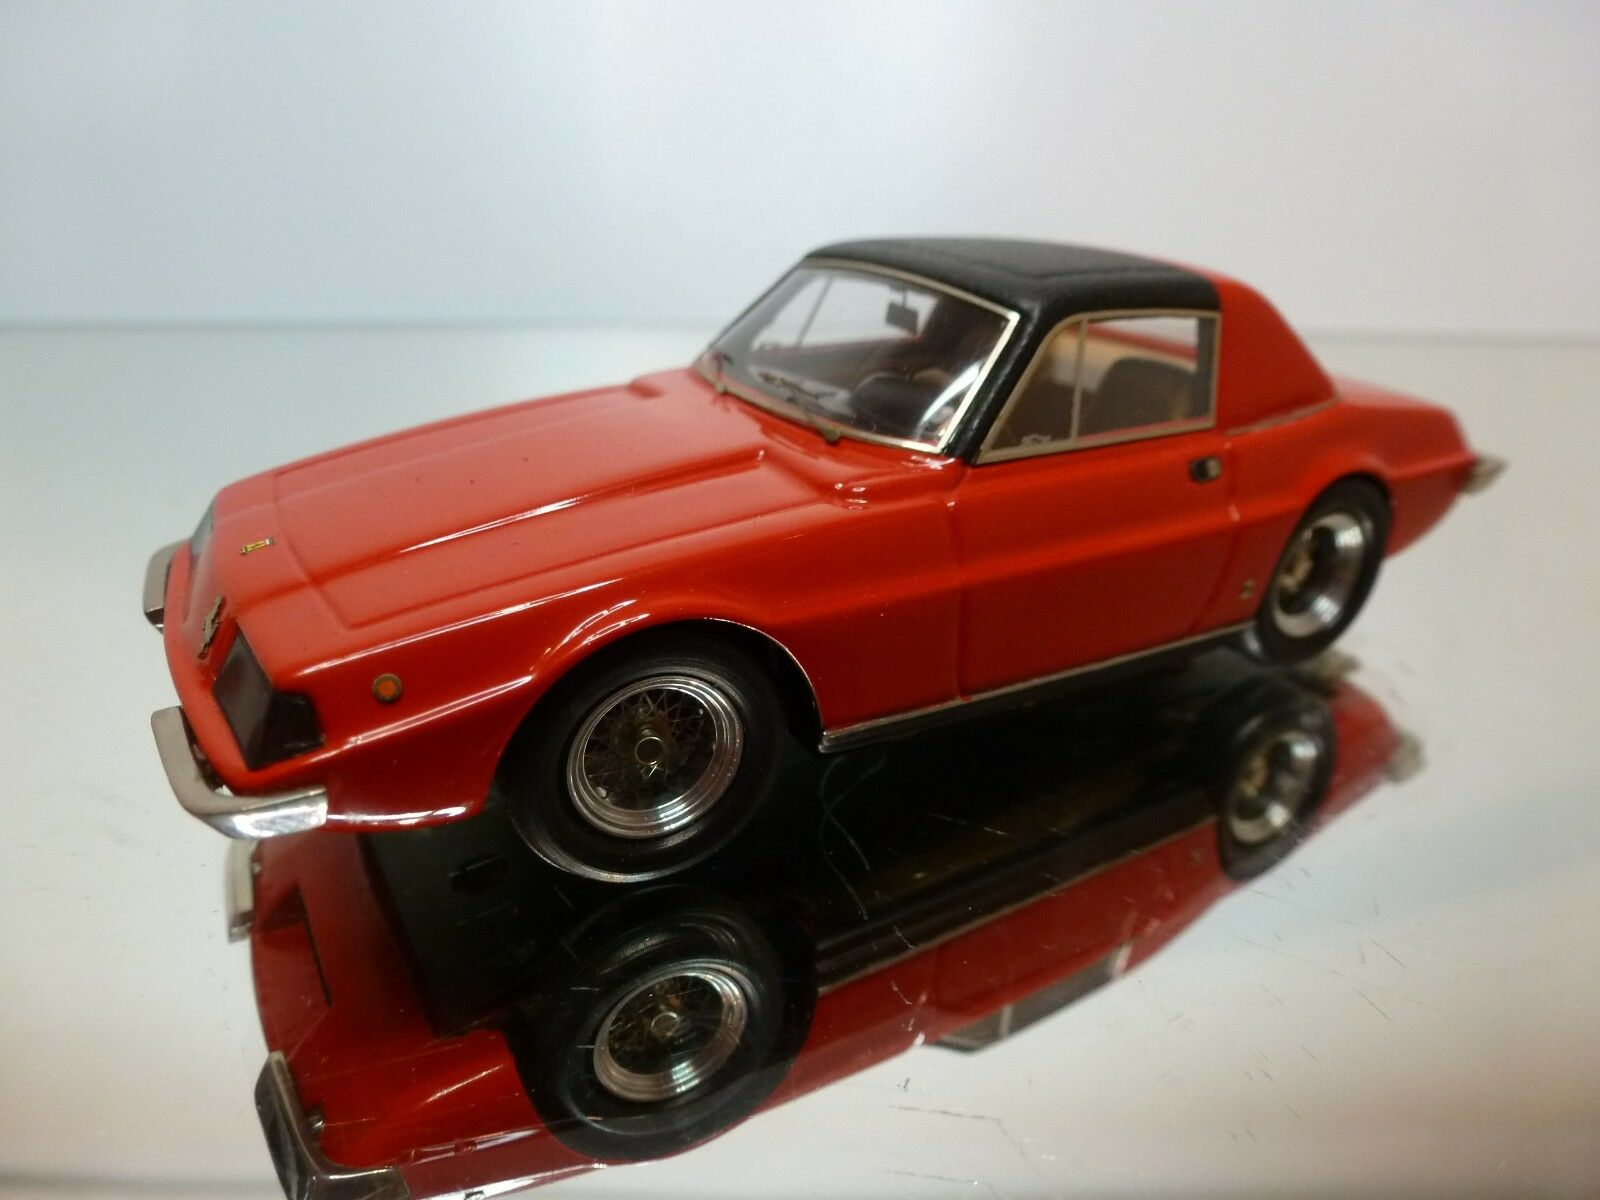 ABC BRIANZA 110 FERRARI 330 GTI ZAGATO CONgreenIBLE - RED 1 43 - EXCELLENT - 7 8